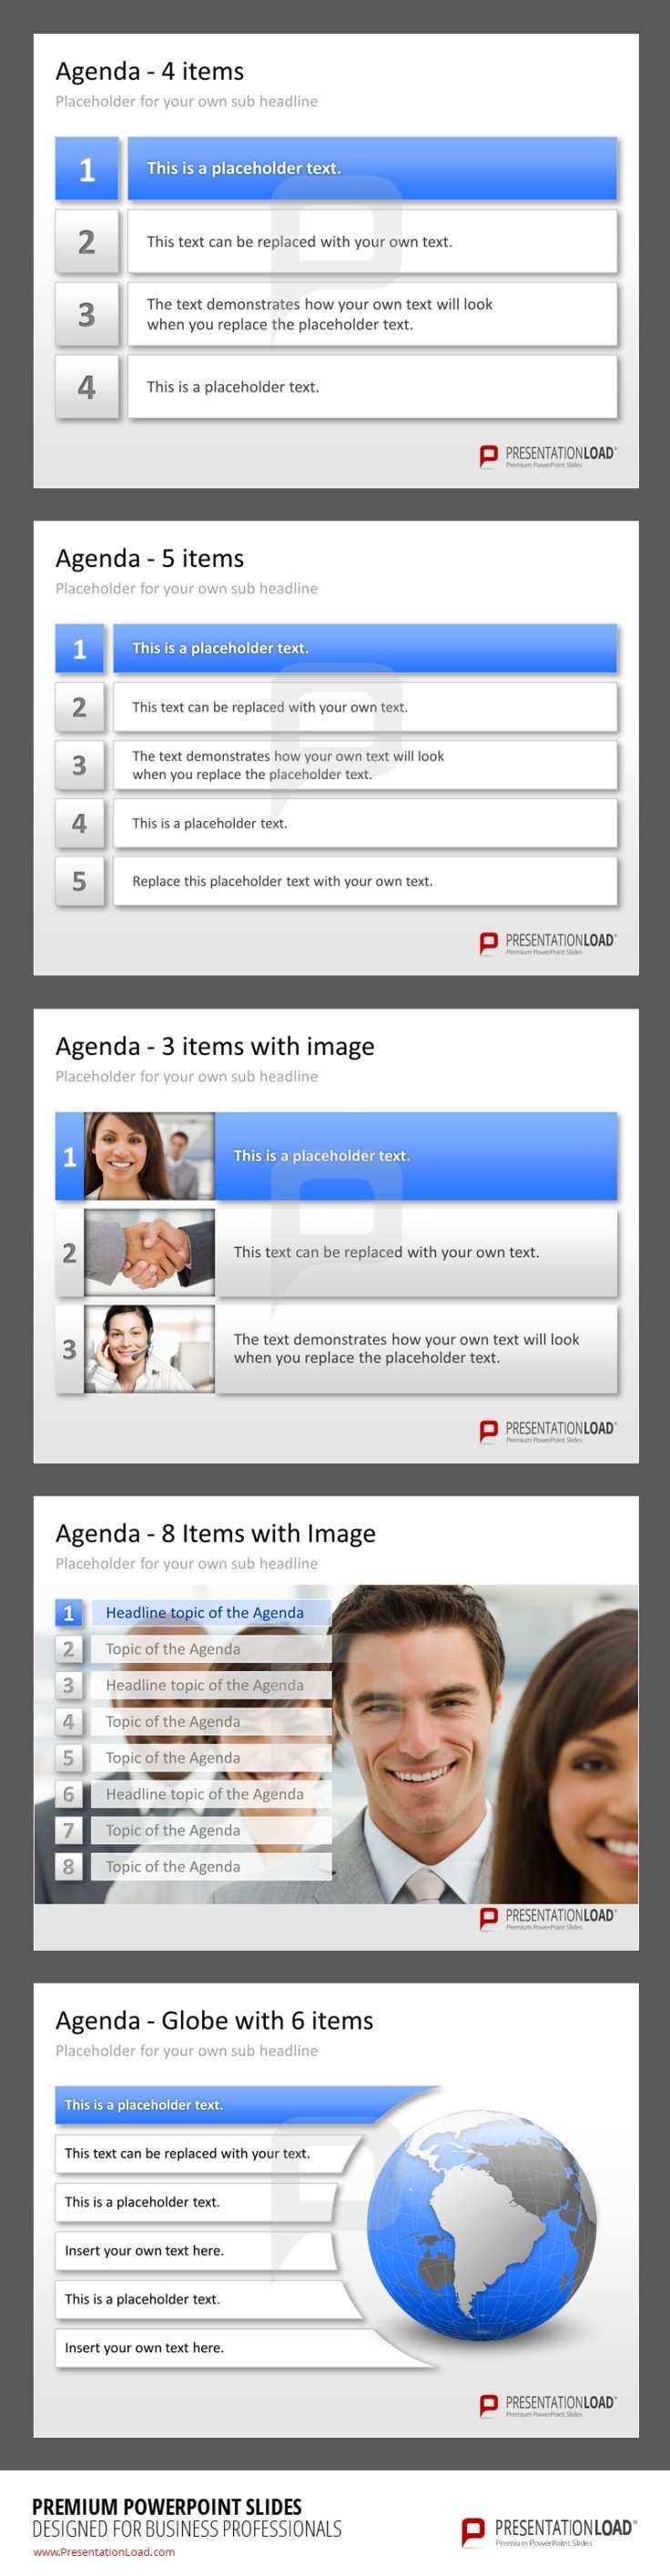 Agenda Powerpoint Vorlage Http Www Presentationload De Powerpoint Charts Diagramme Text Tabellen Agenda Powerpoint Vorlagen Power Point